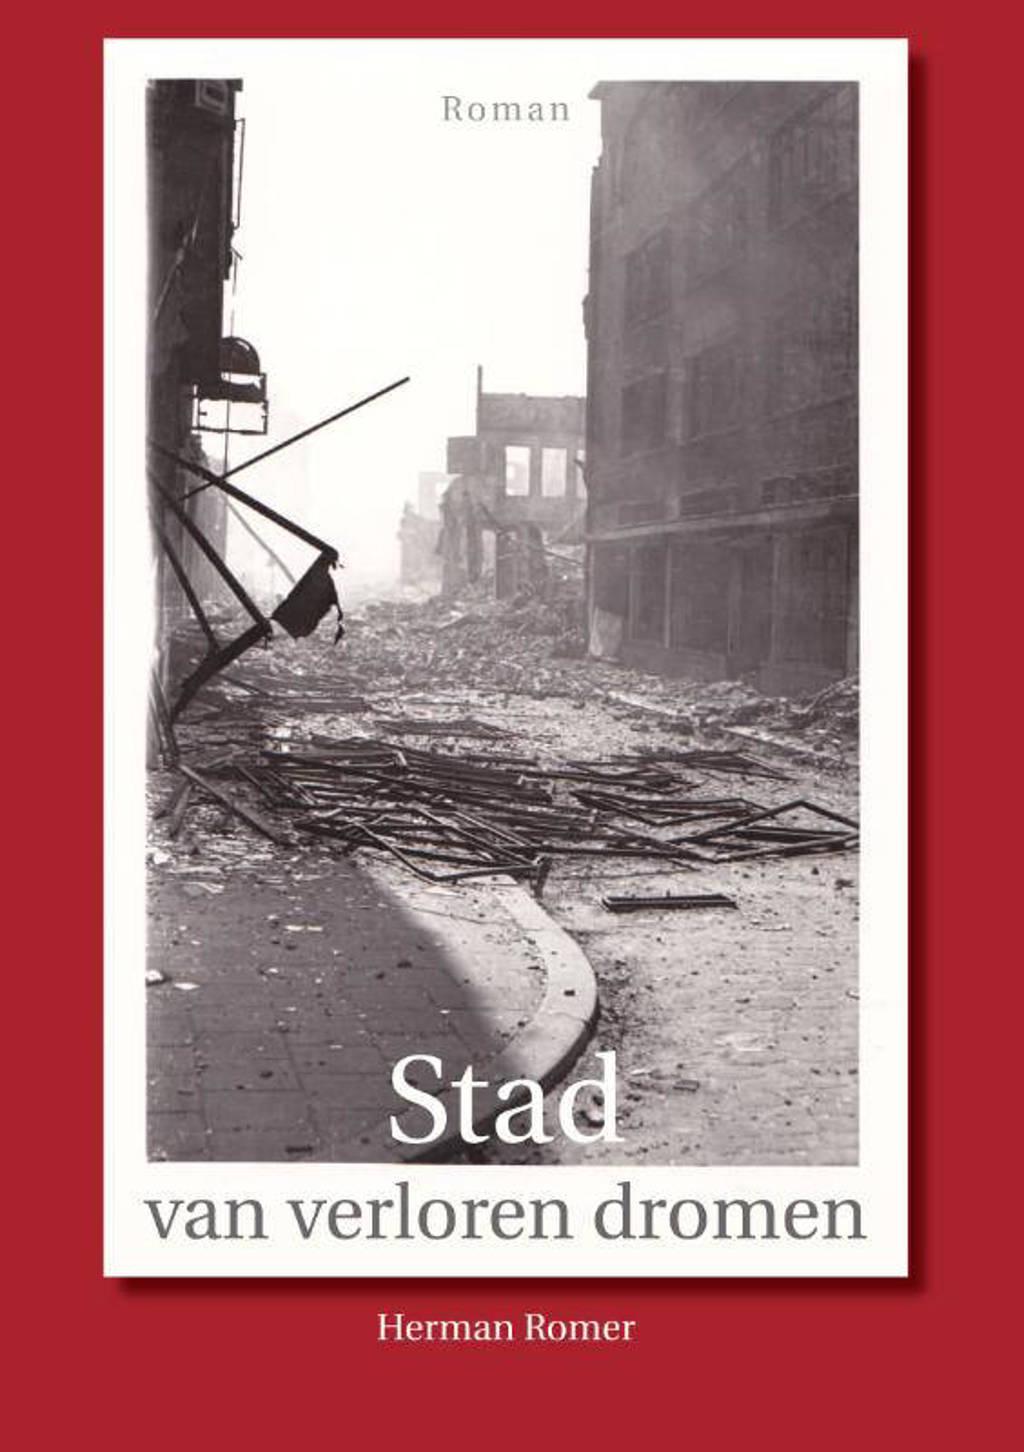 Stad van verloren dromen - Herman Romer